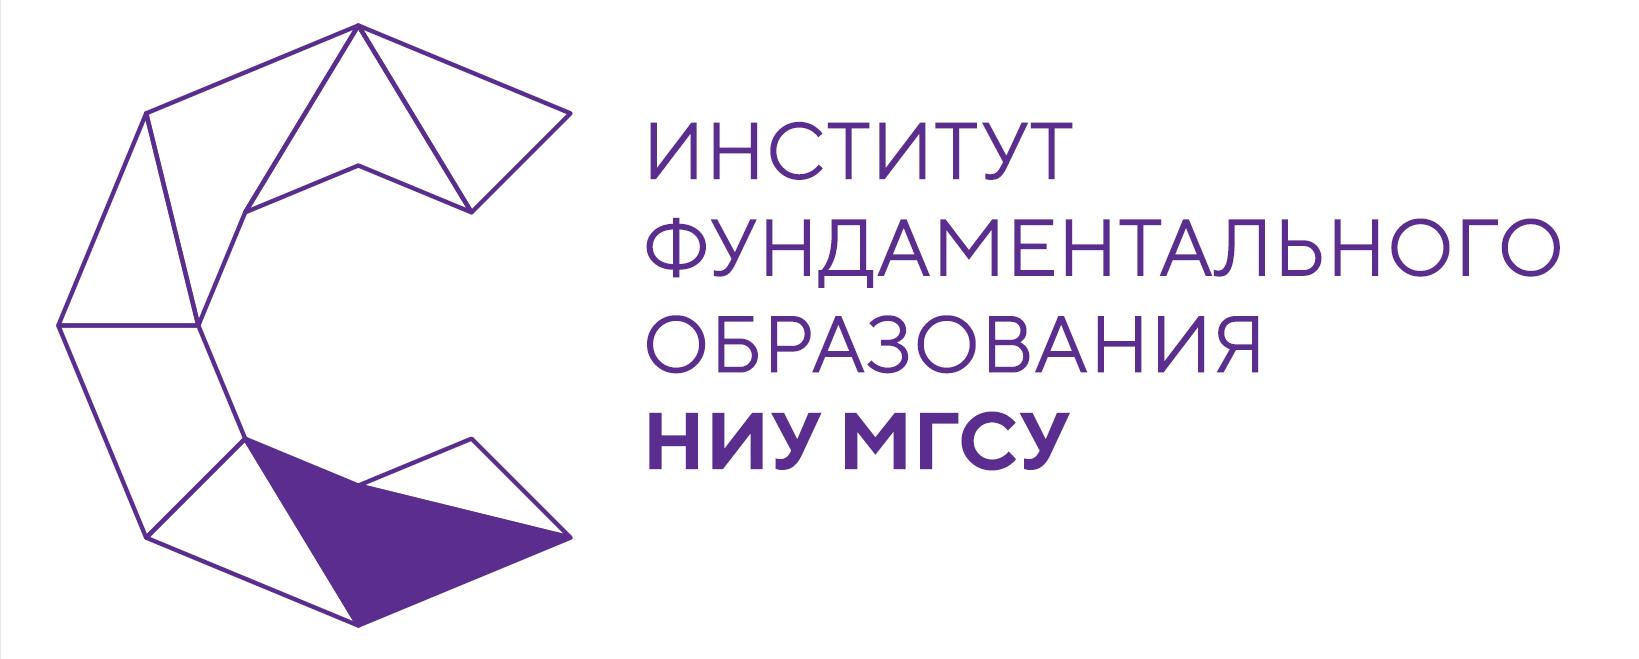 Современный логотип ИФО